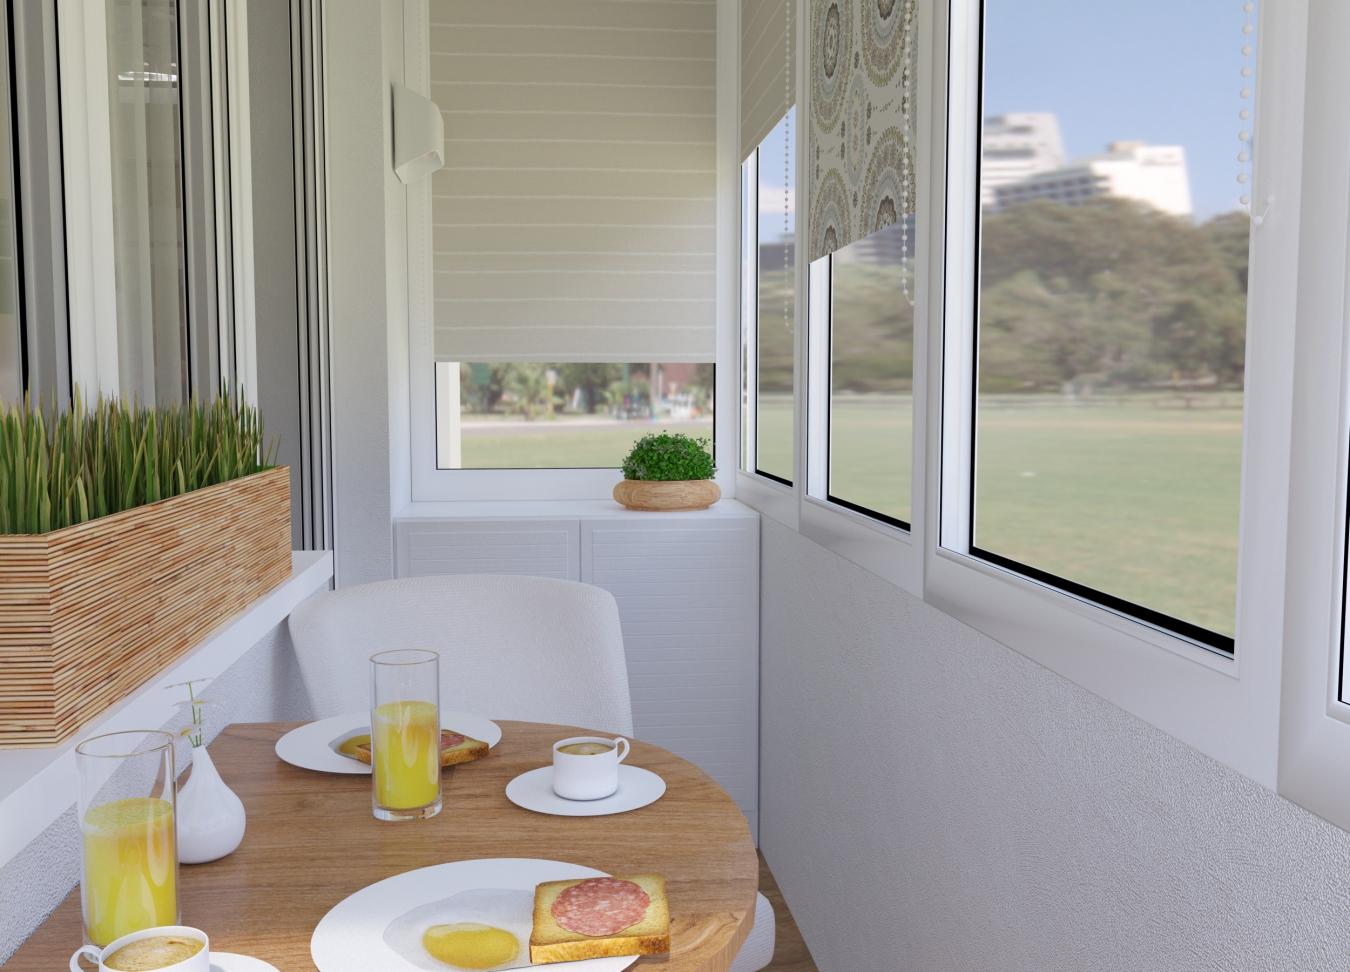 Оформление балконов разного размера: превращаем лоджию в уют.